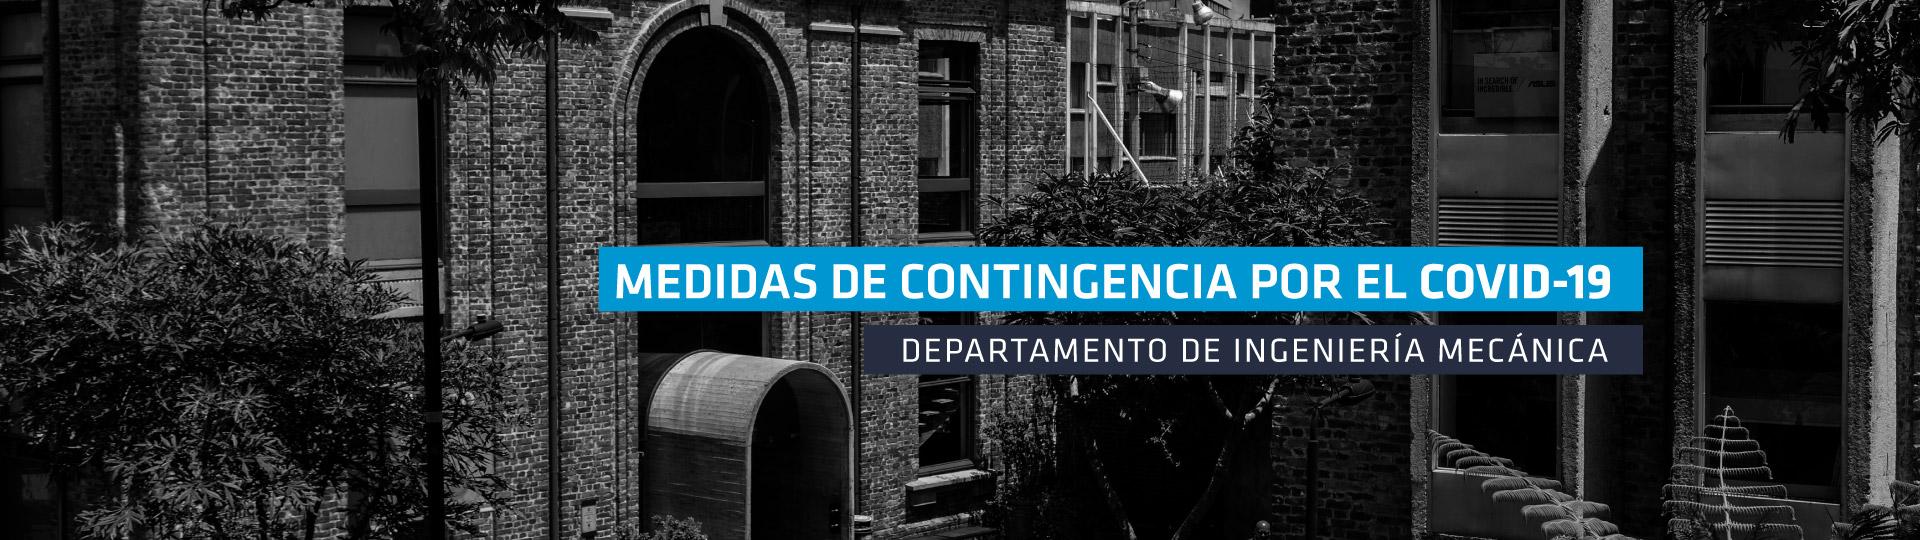 Comunicado del Departamento de Ingeniería Mecánica sobre el COVID-19